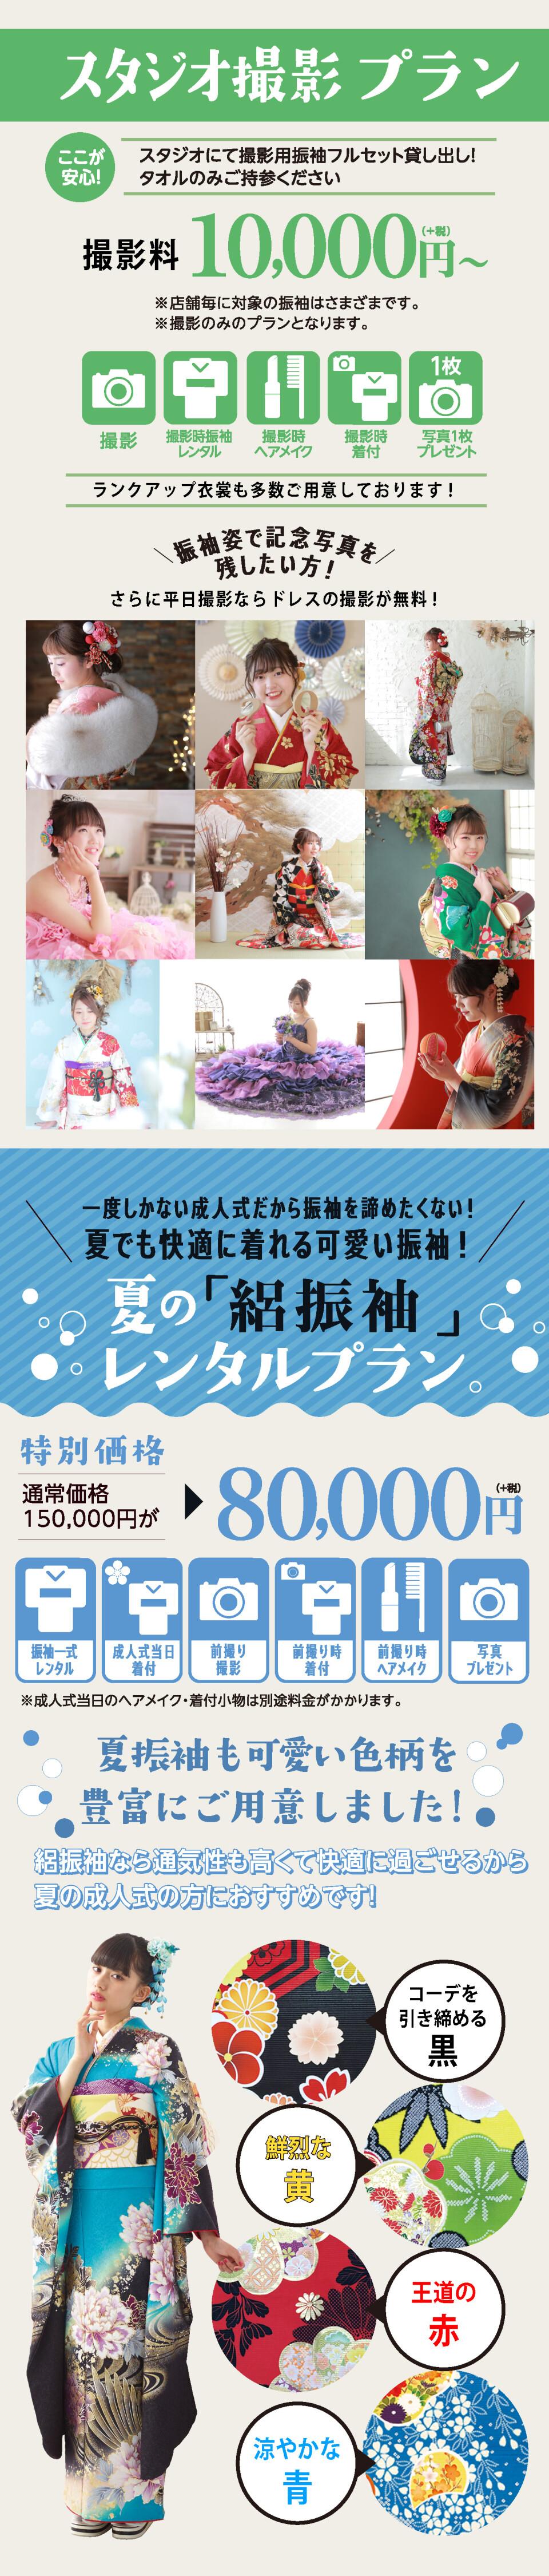 202008-saiji_3